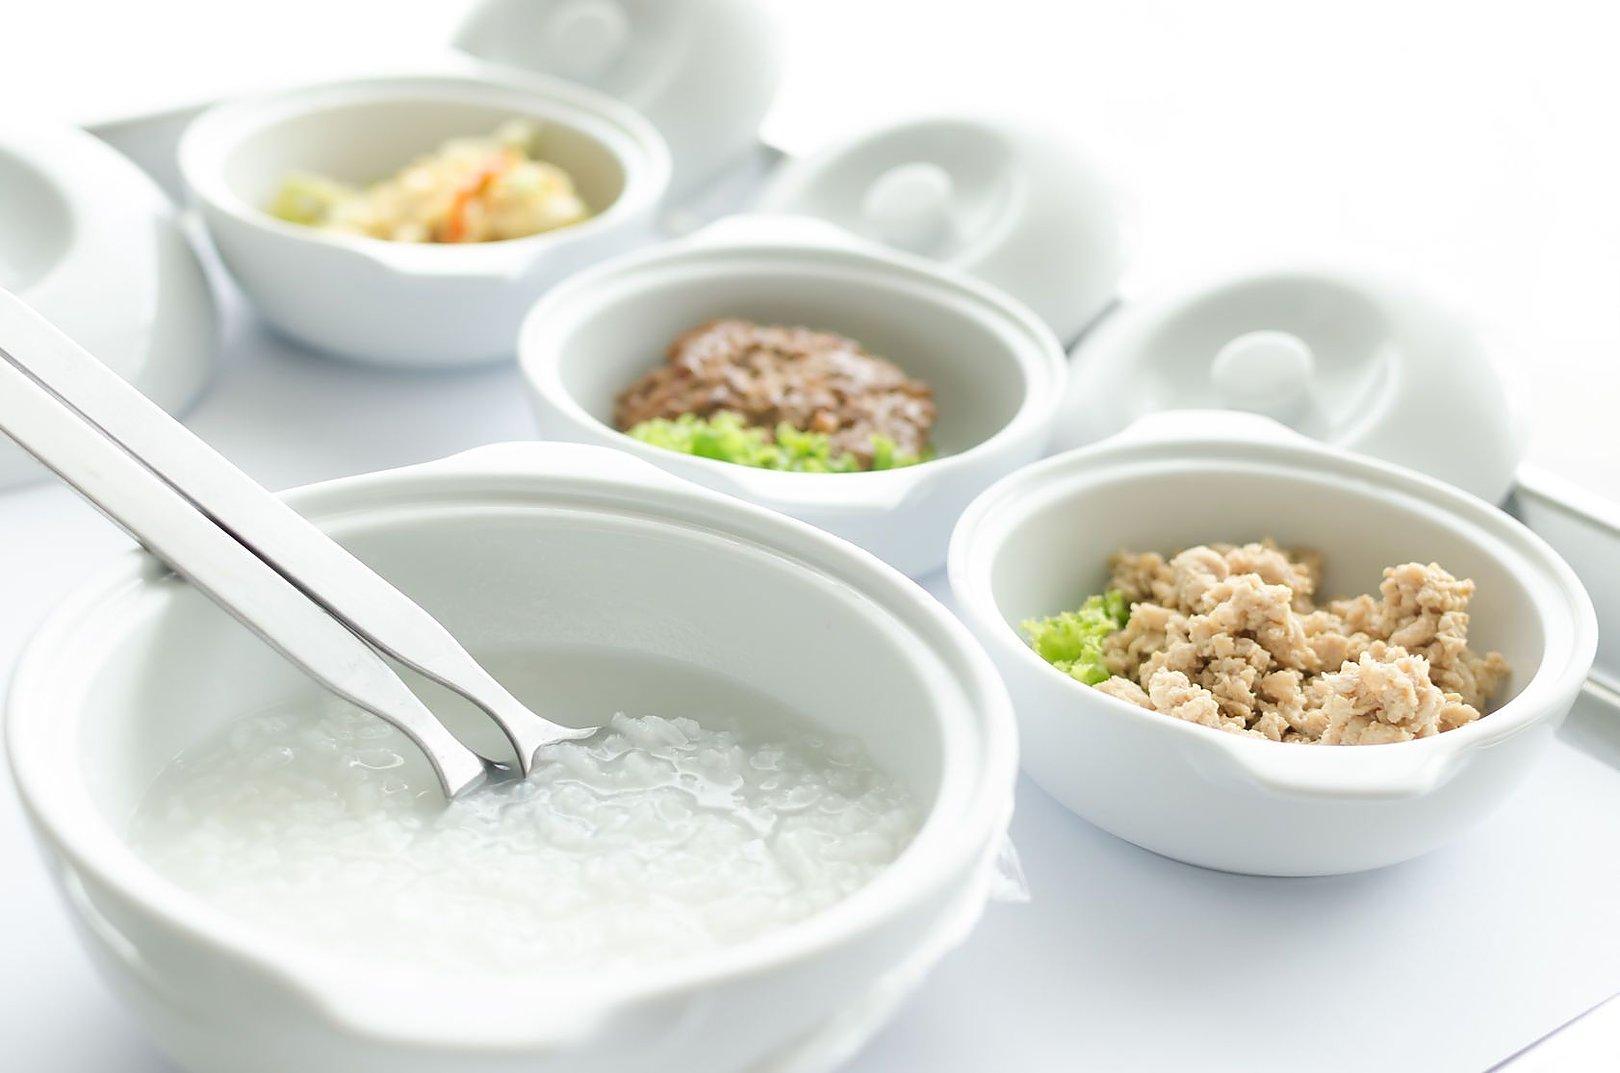 питание по диете 6